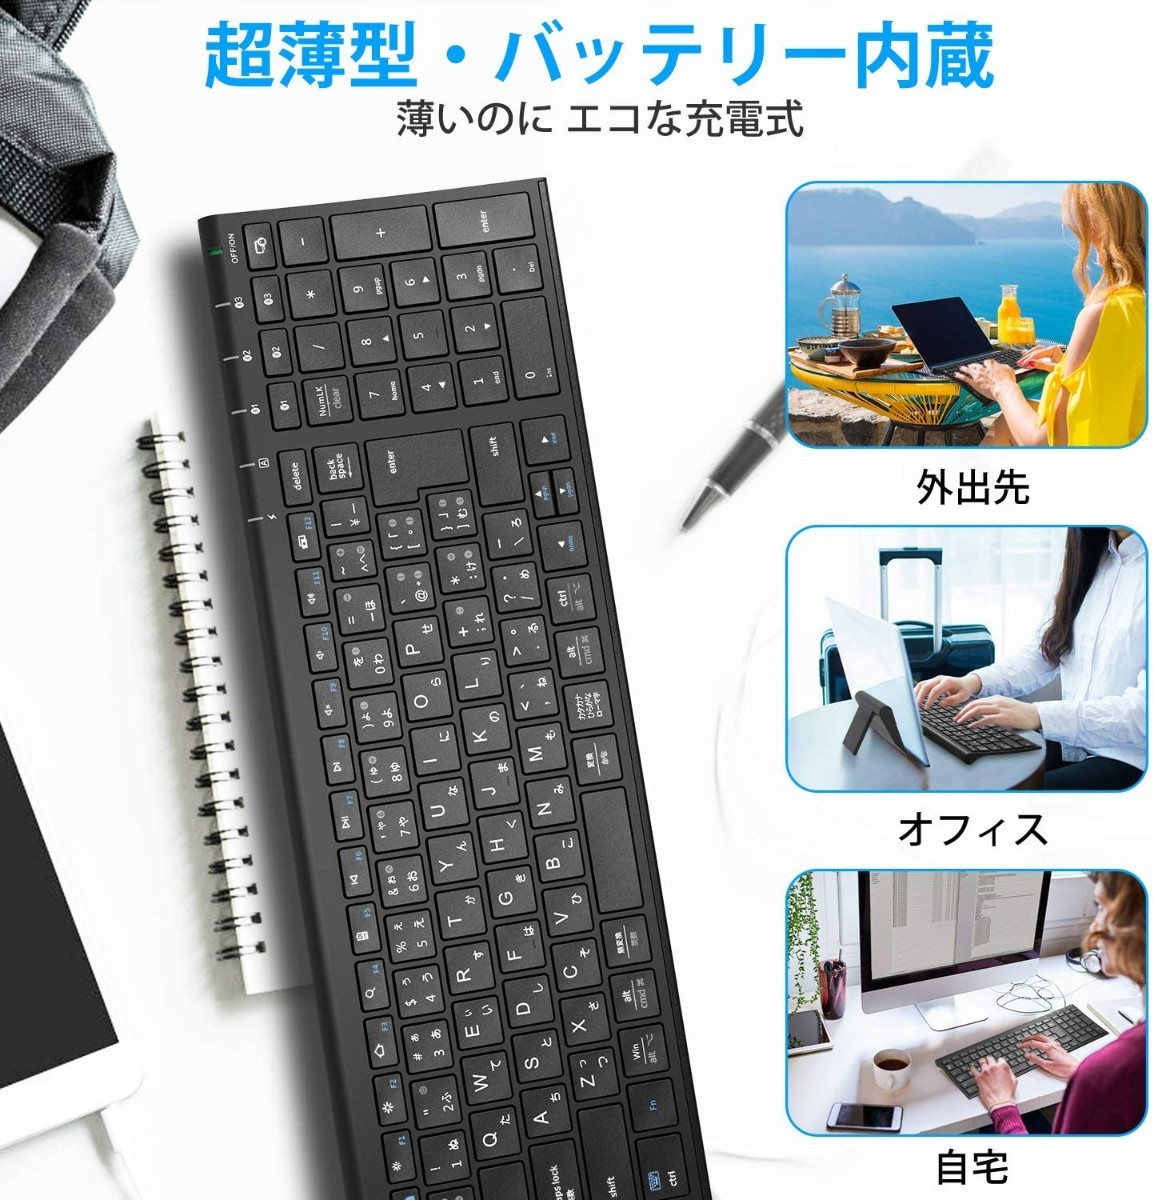 キーボード Bluetooth 日本語